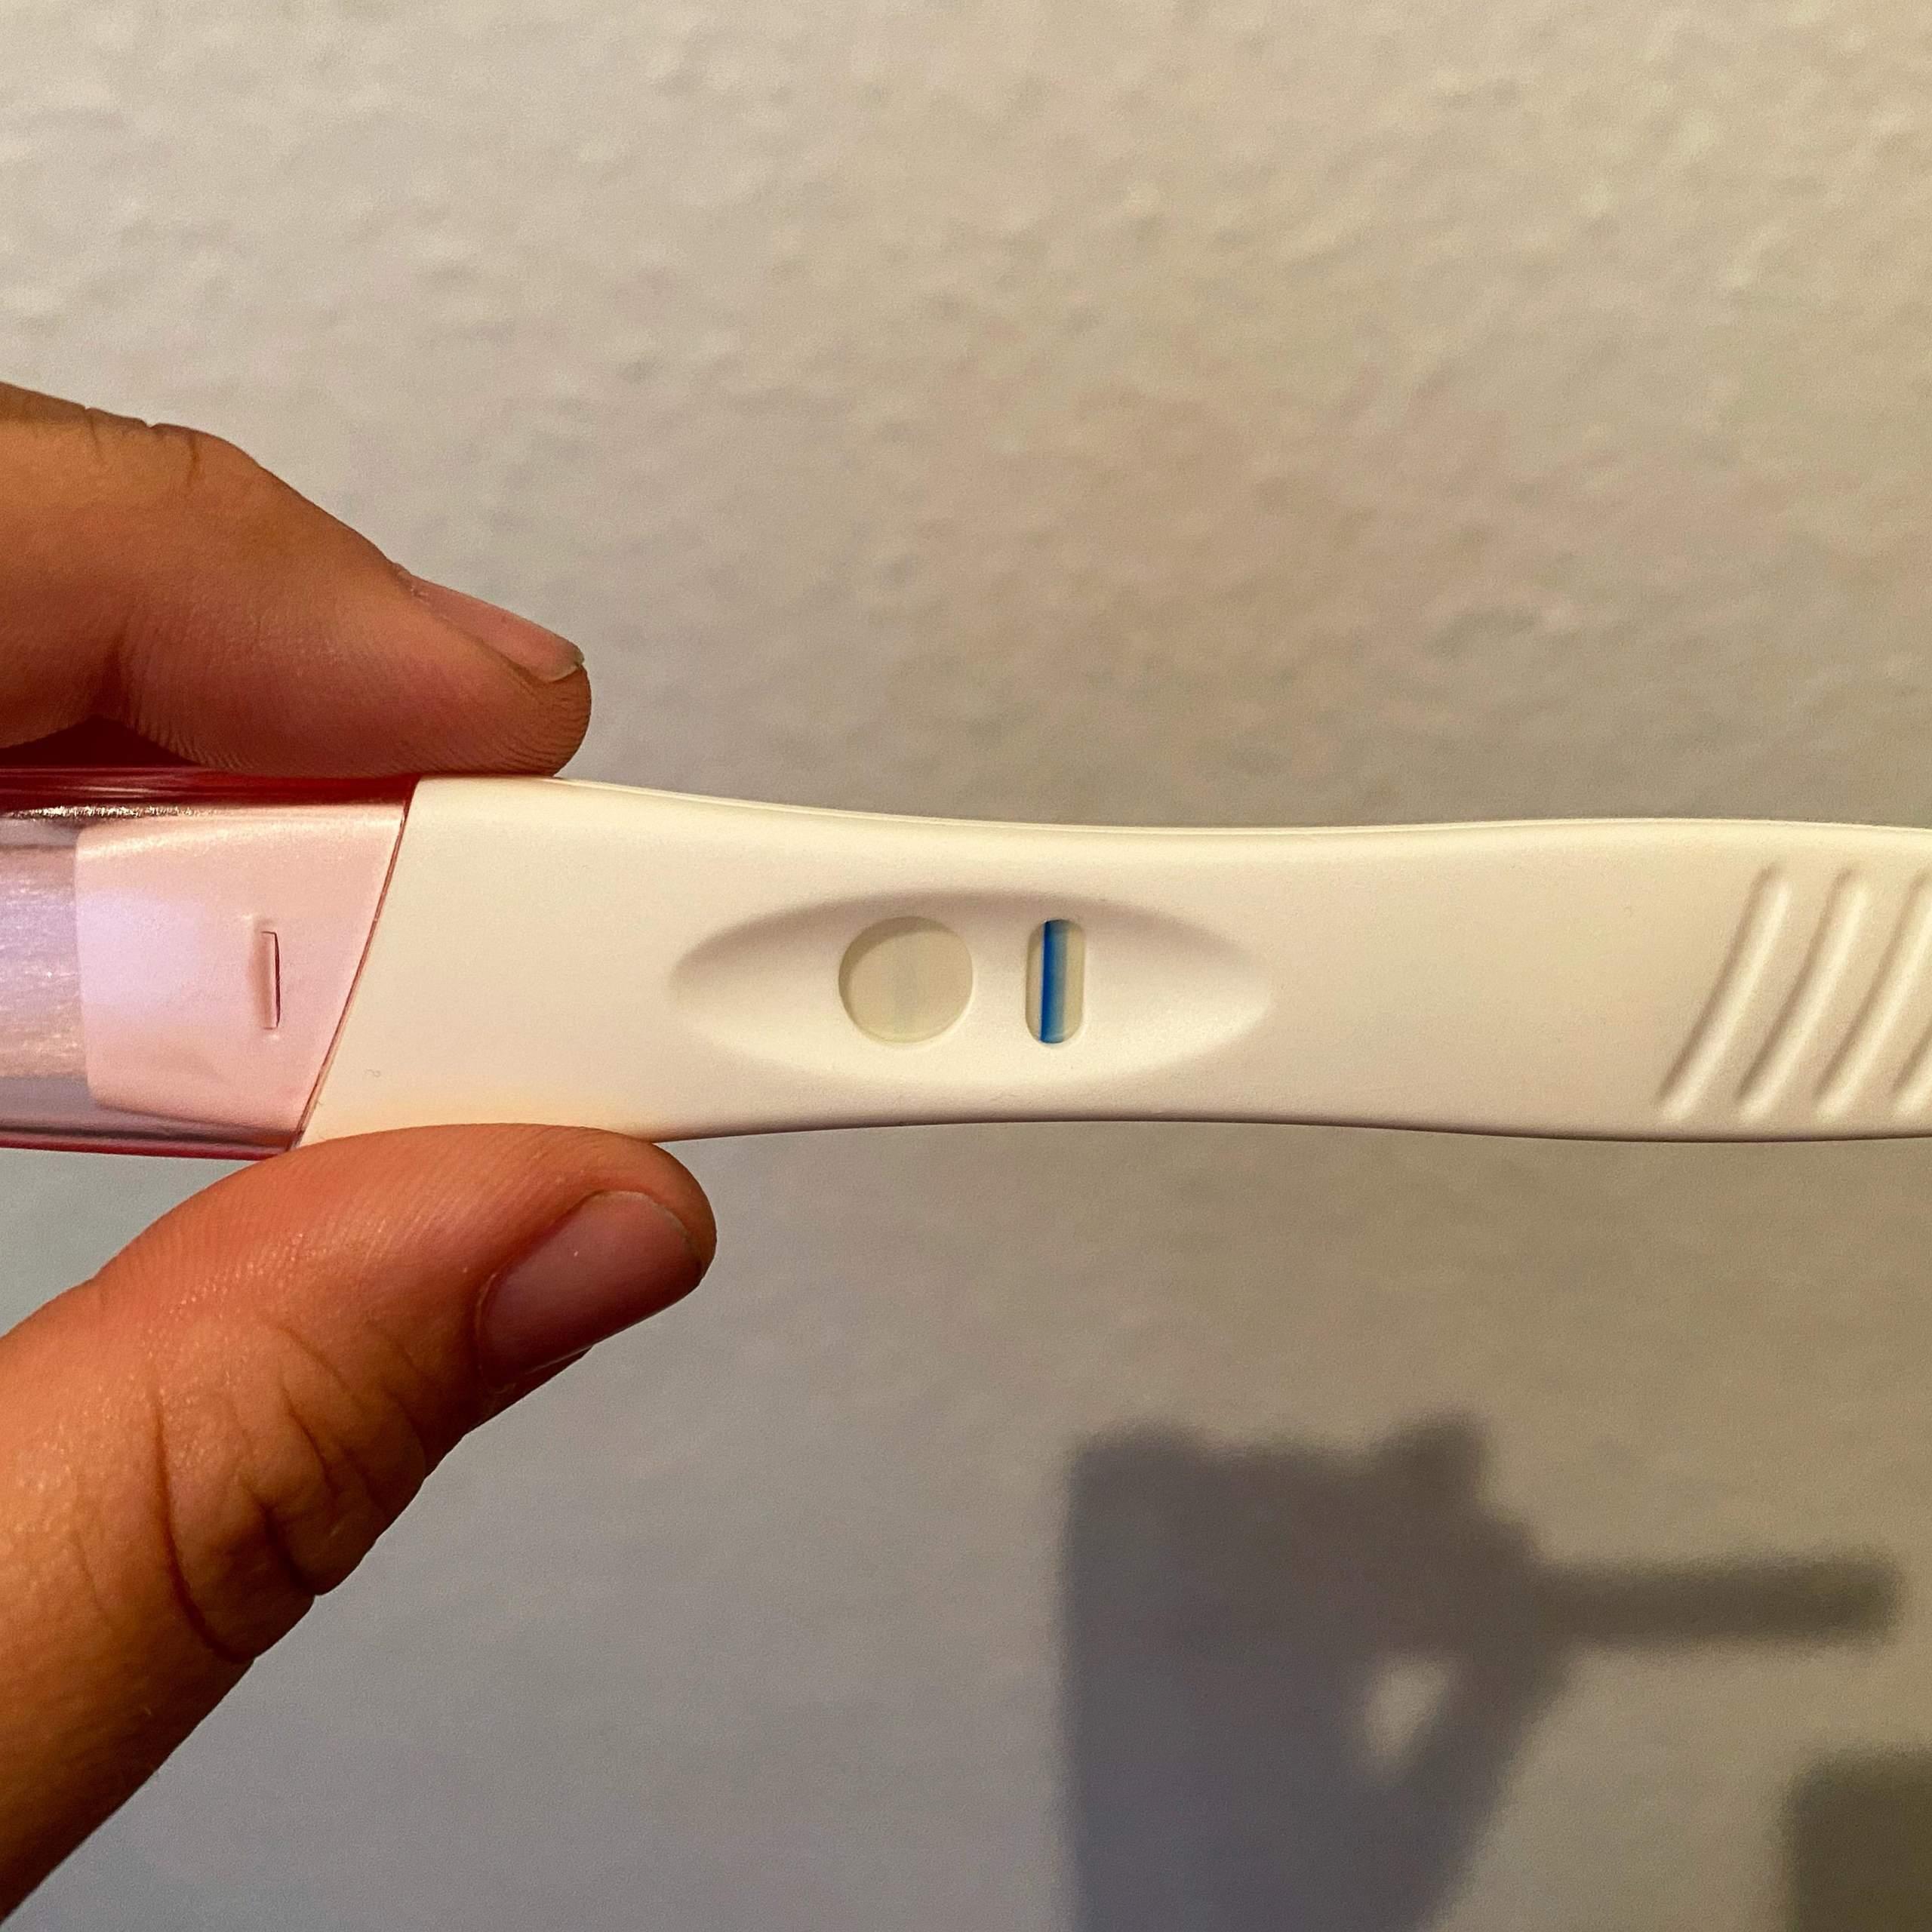 Ich traue mich nicht einen schwangerschaftstest zu machen